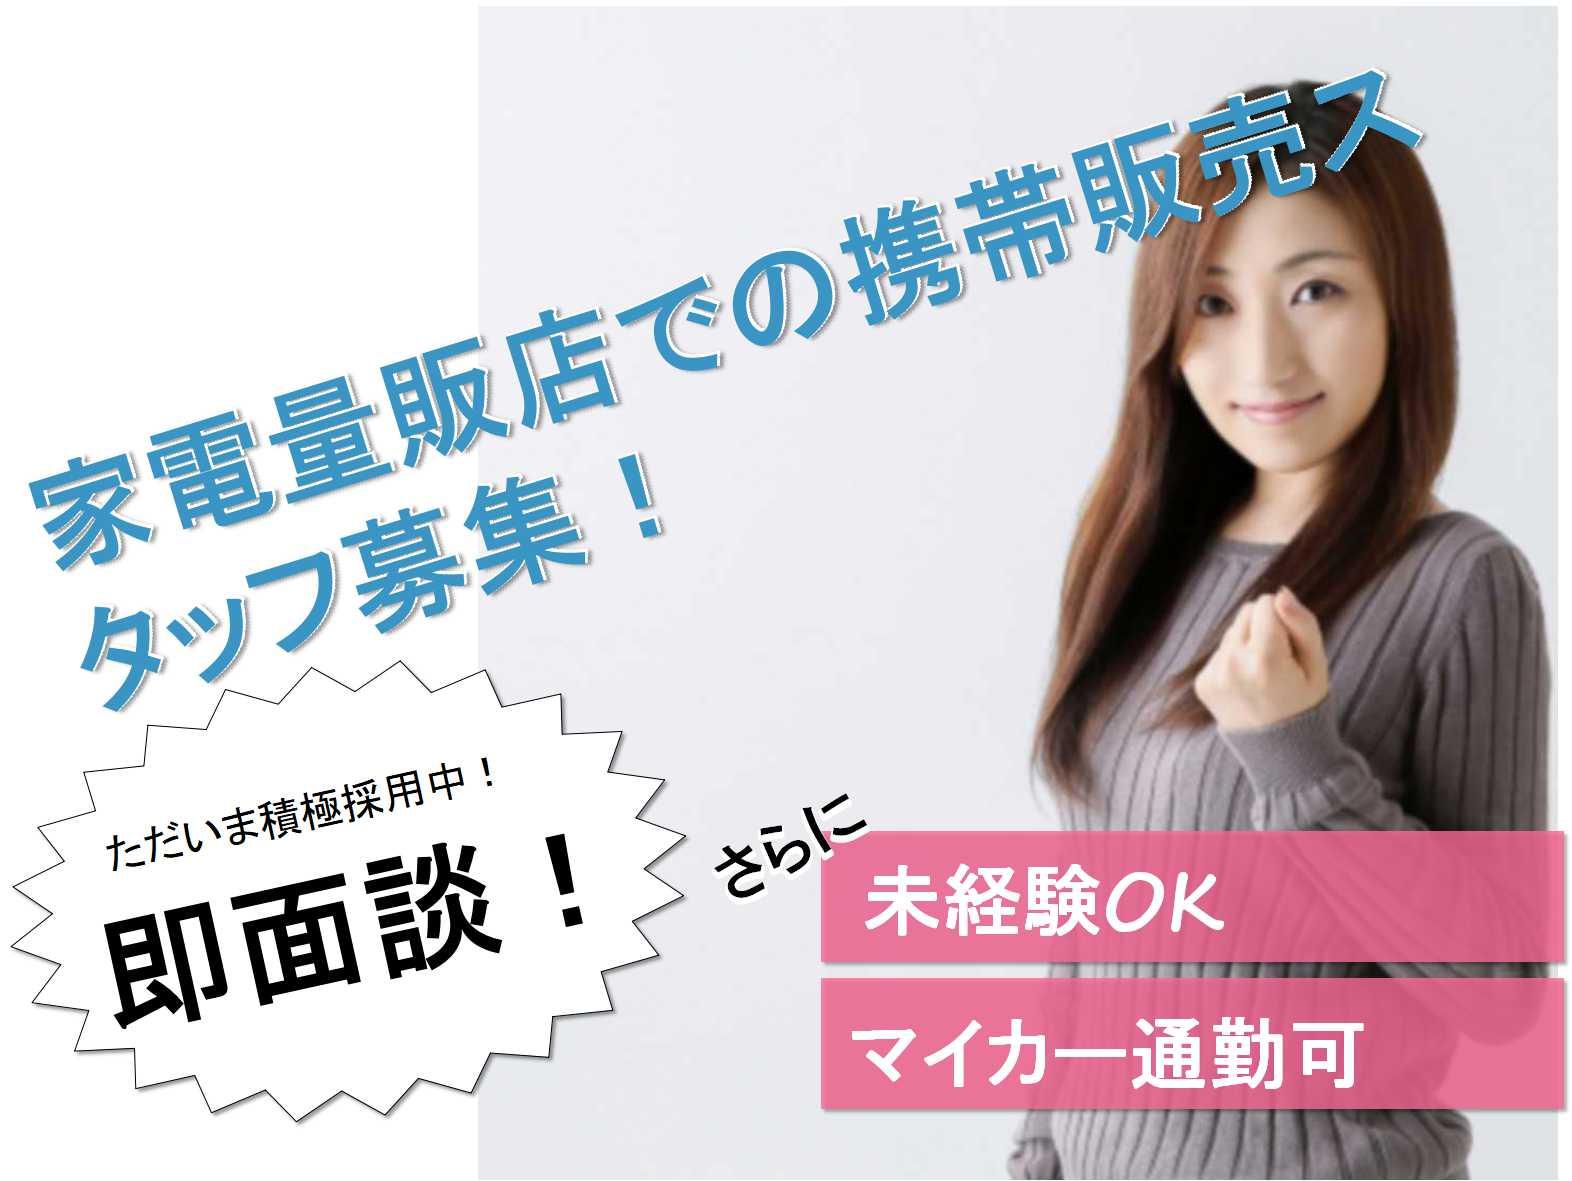 【三重県全域】車・バイク通勤OK!キャリアアップも目指せます!家電量販店での携帯電話スタッフ【即面談可】 イメージ